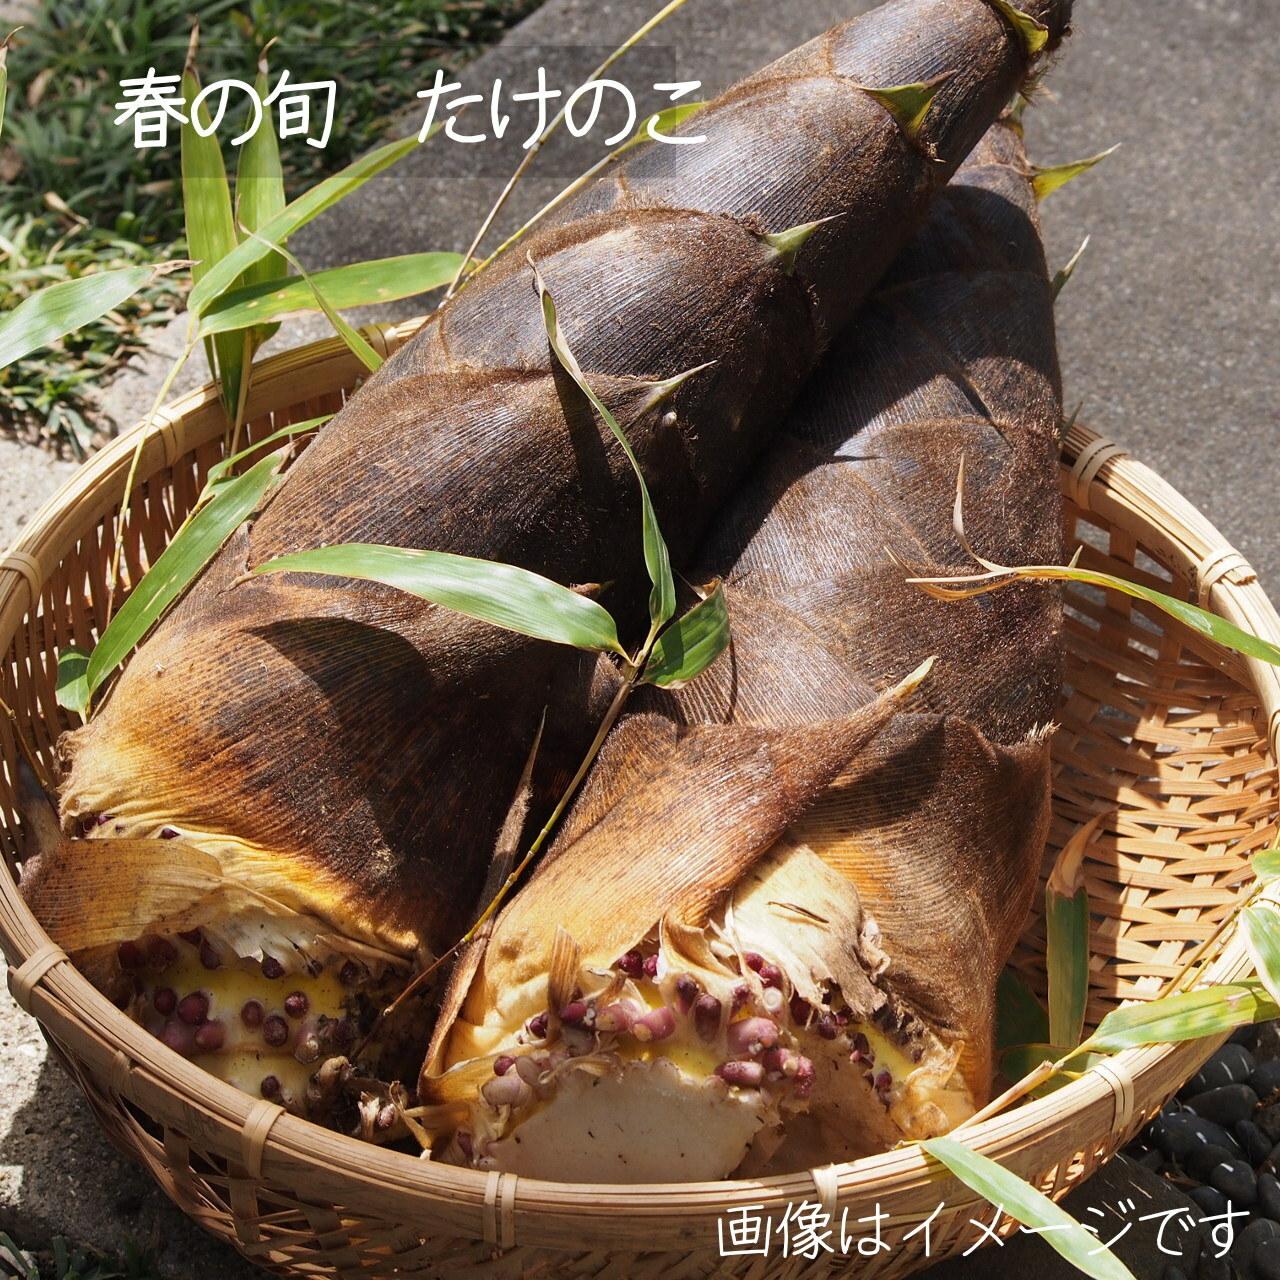 【予約】たけのこ 1本 朝採り直売野菜 4月25日発送予定日